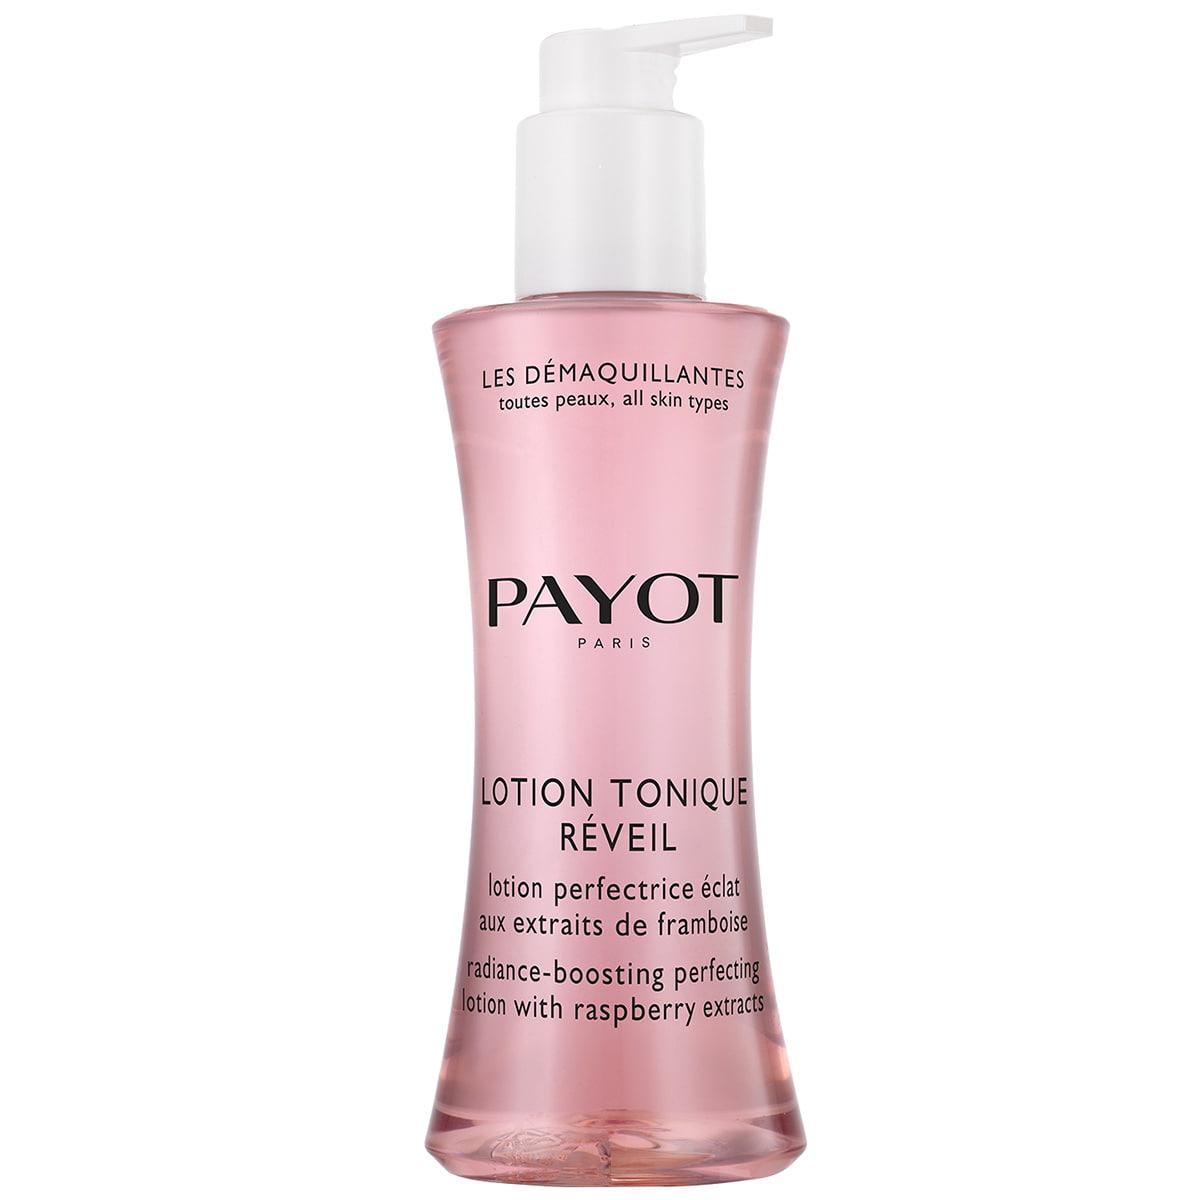 Payot - Lotion Tonique Réveil - Lotion perfectrice éclat